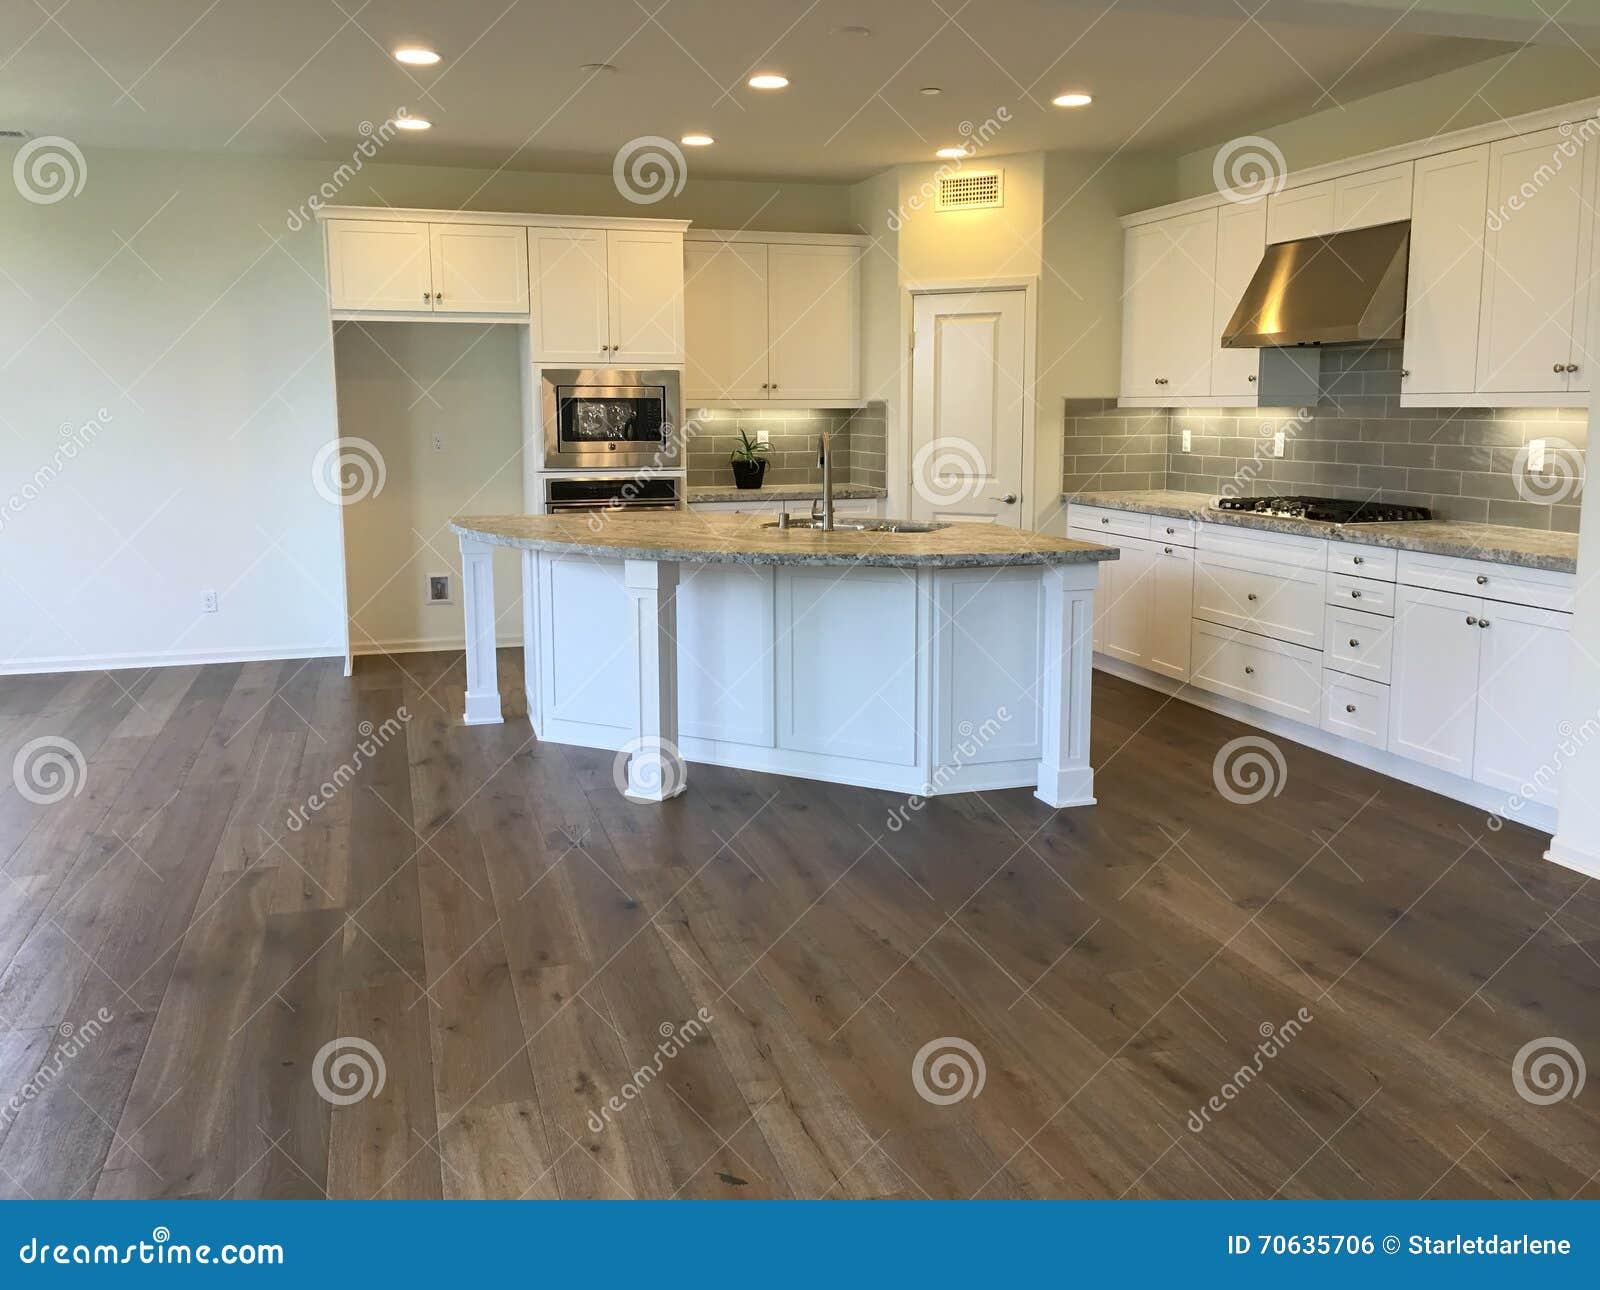 Cucina Bianca E Legno. Interiore Della Cucina Bianca E In Legno Con ...